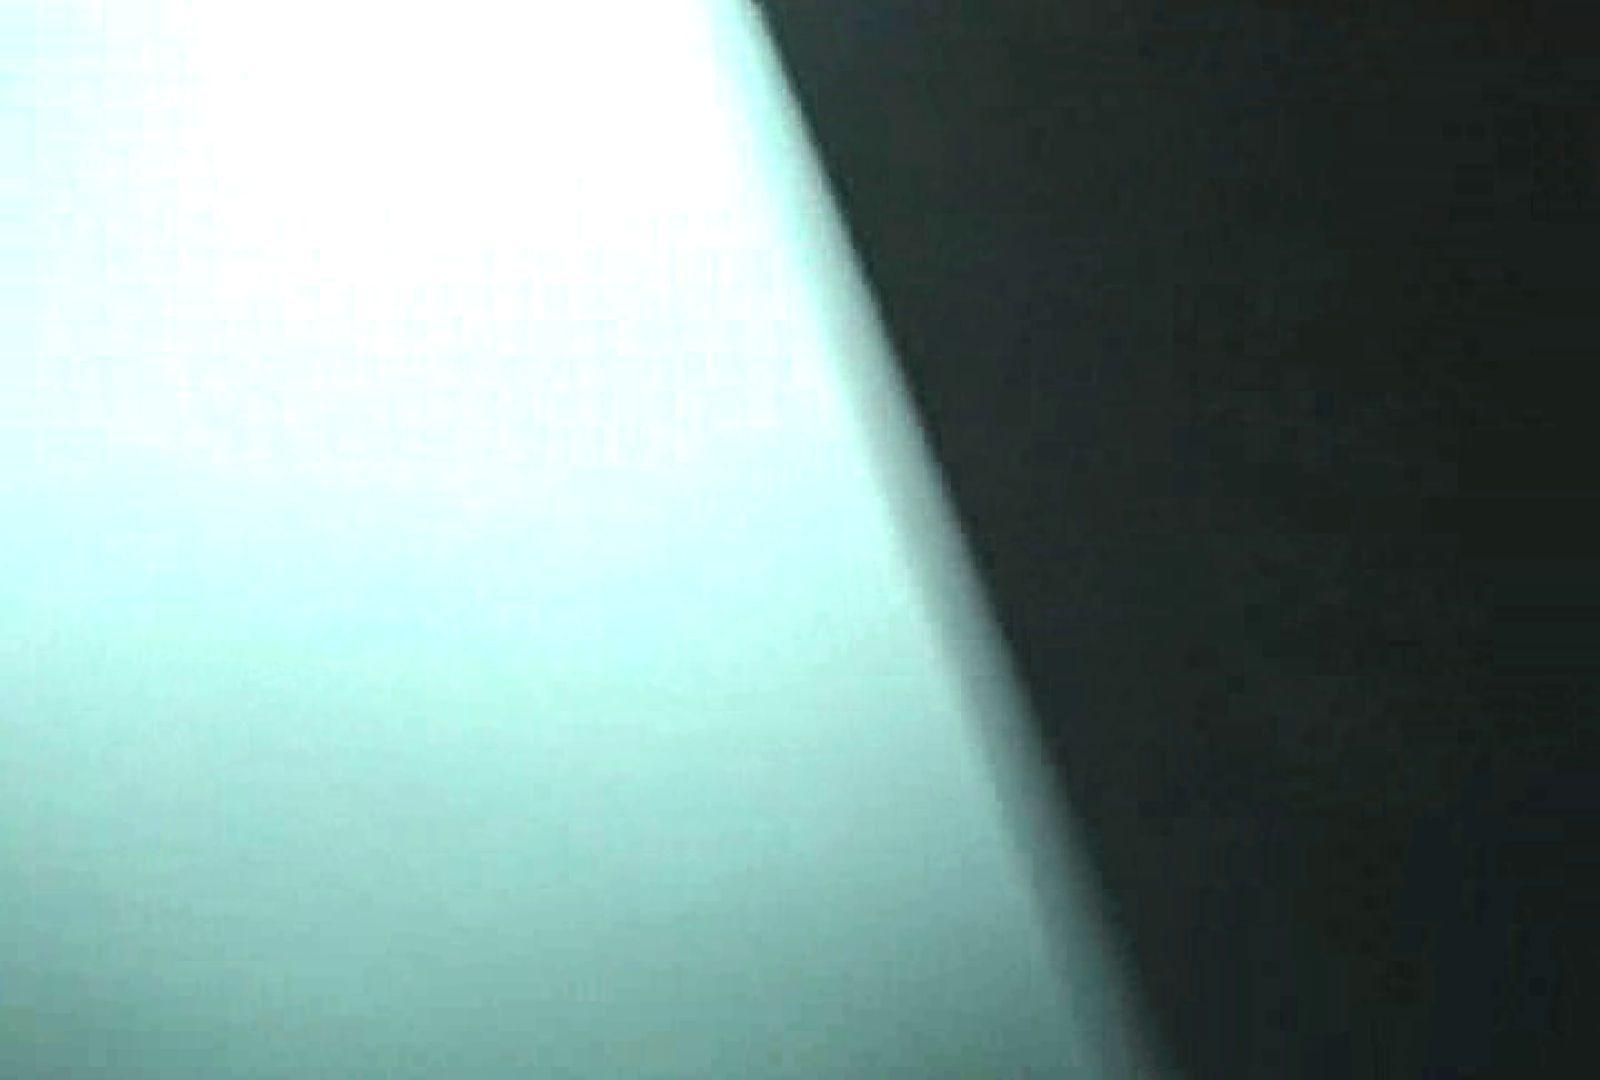 「充血監督」さんの深夜の運動会!! vol.042 セックスする女性達 オメコ動画キャプチャ 87画像 3